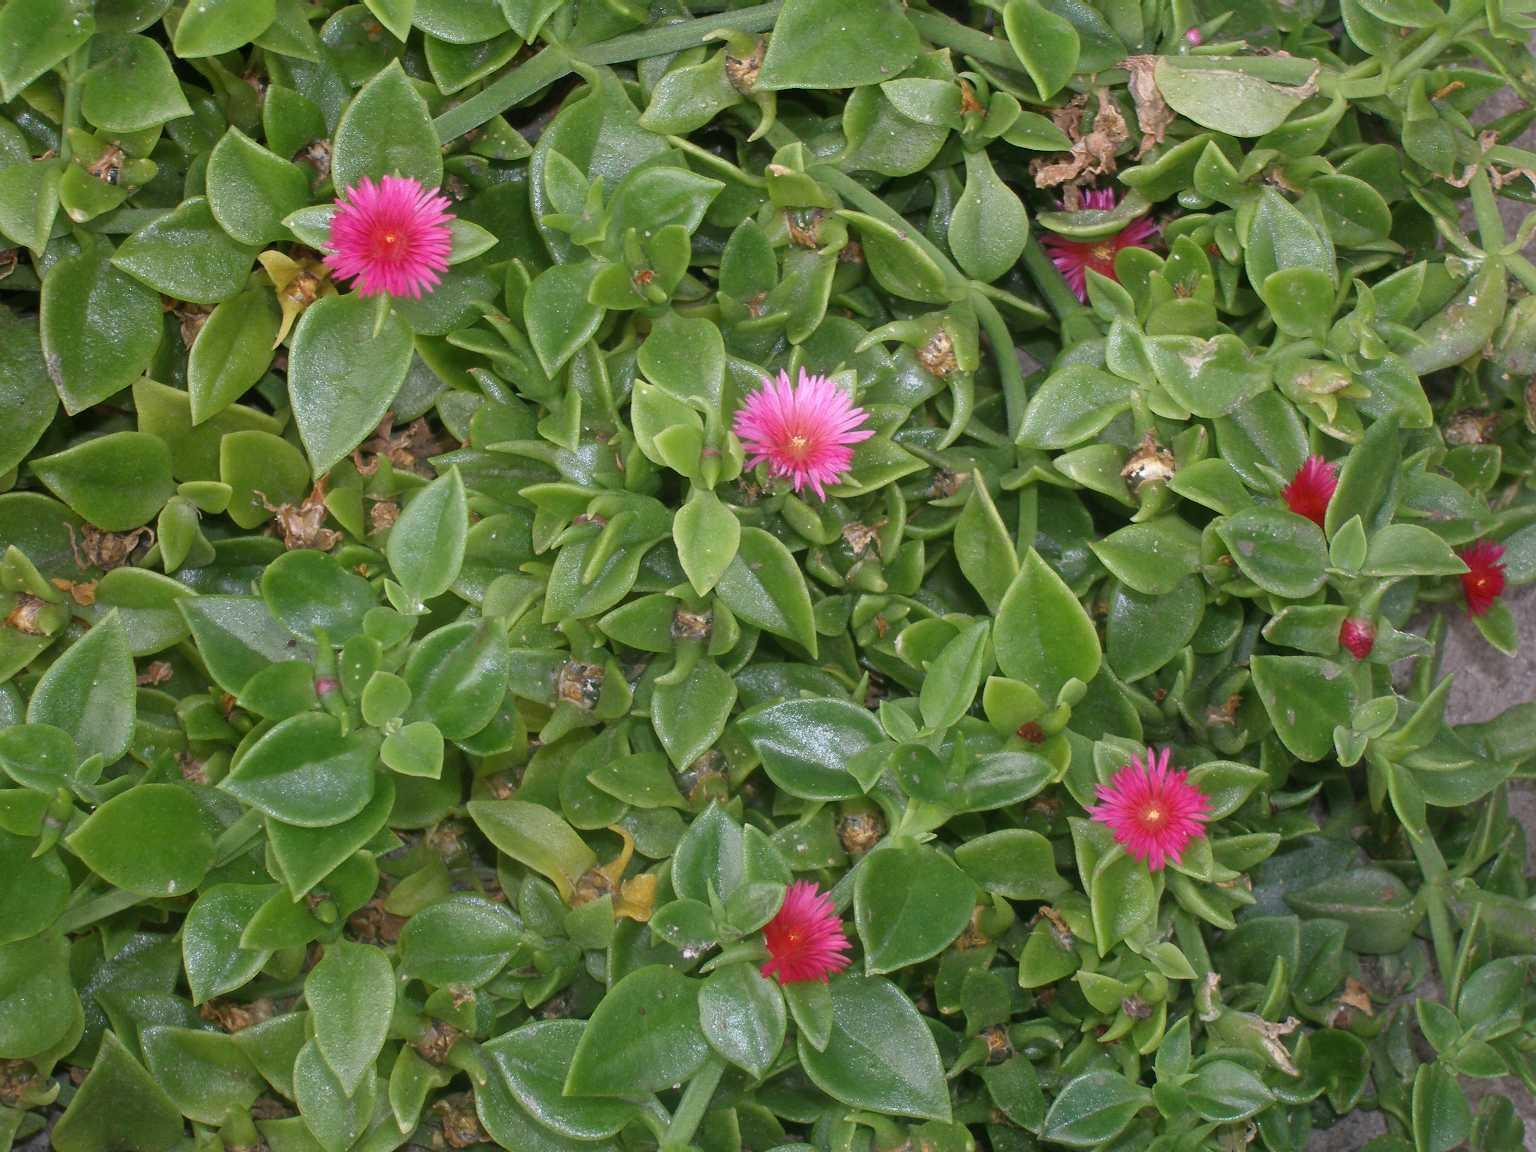 Delosperma tradescantioides